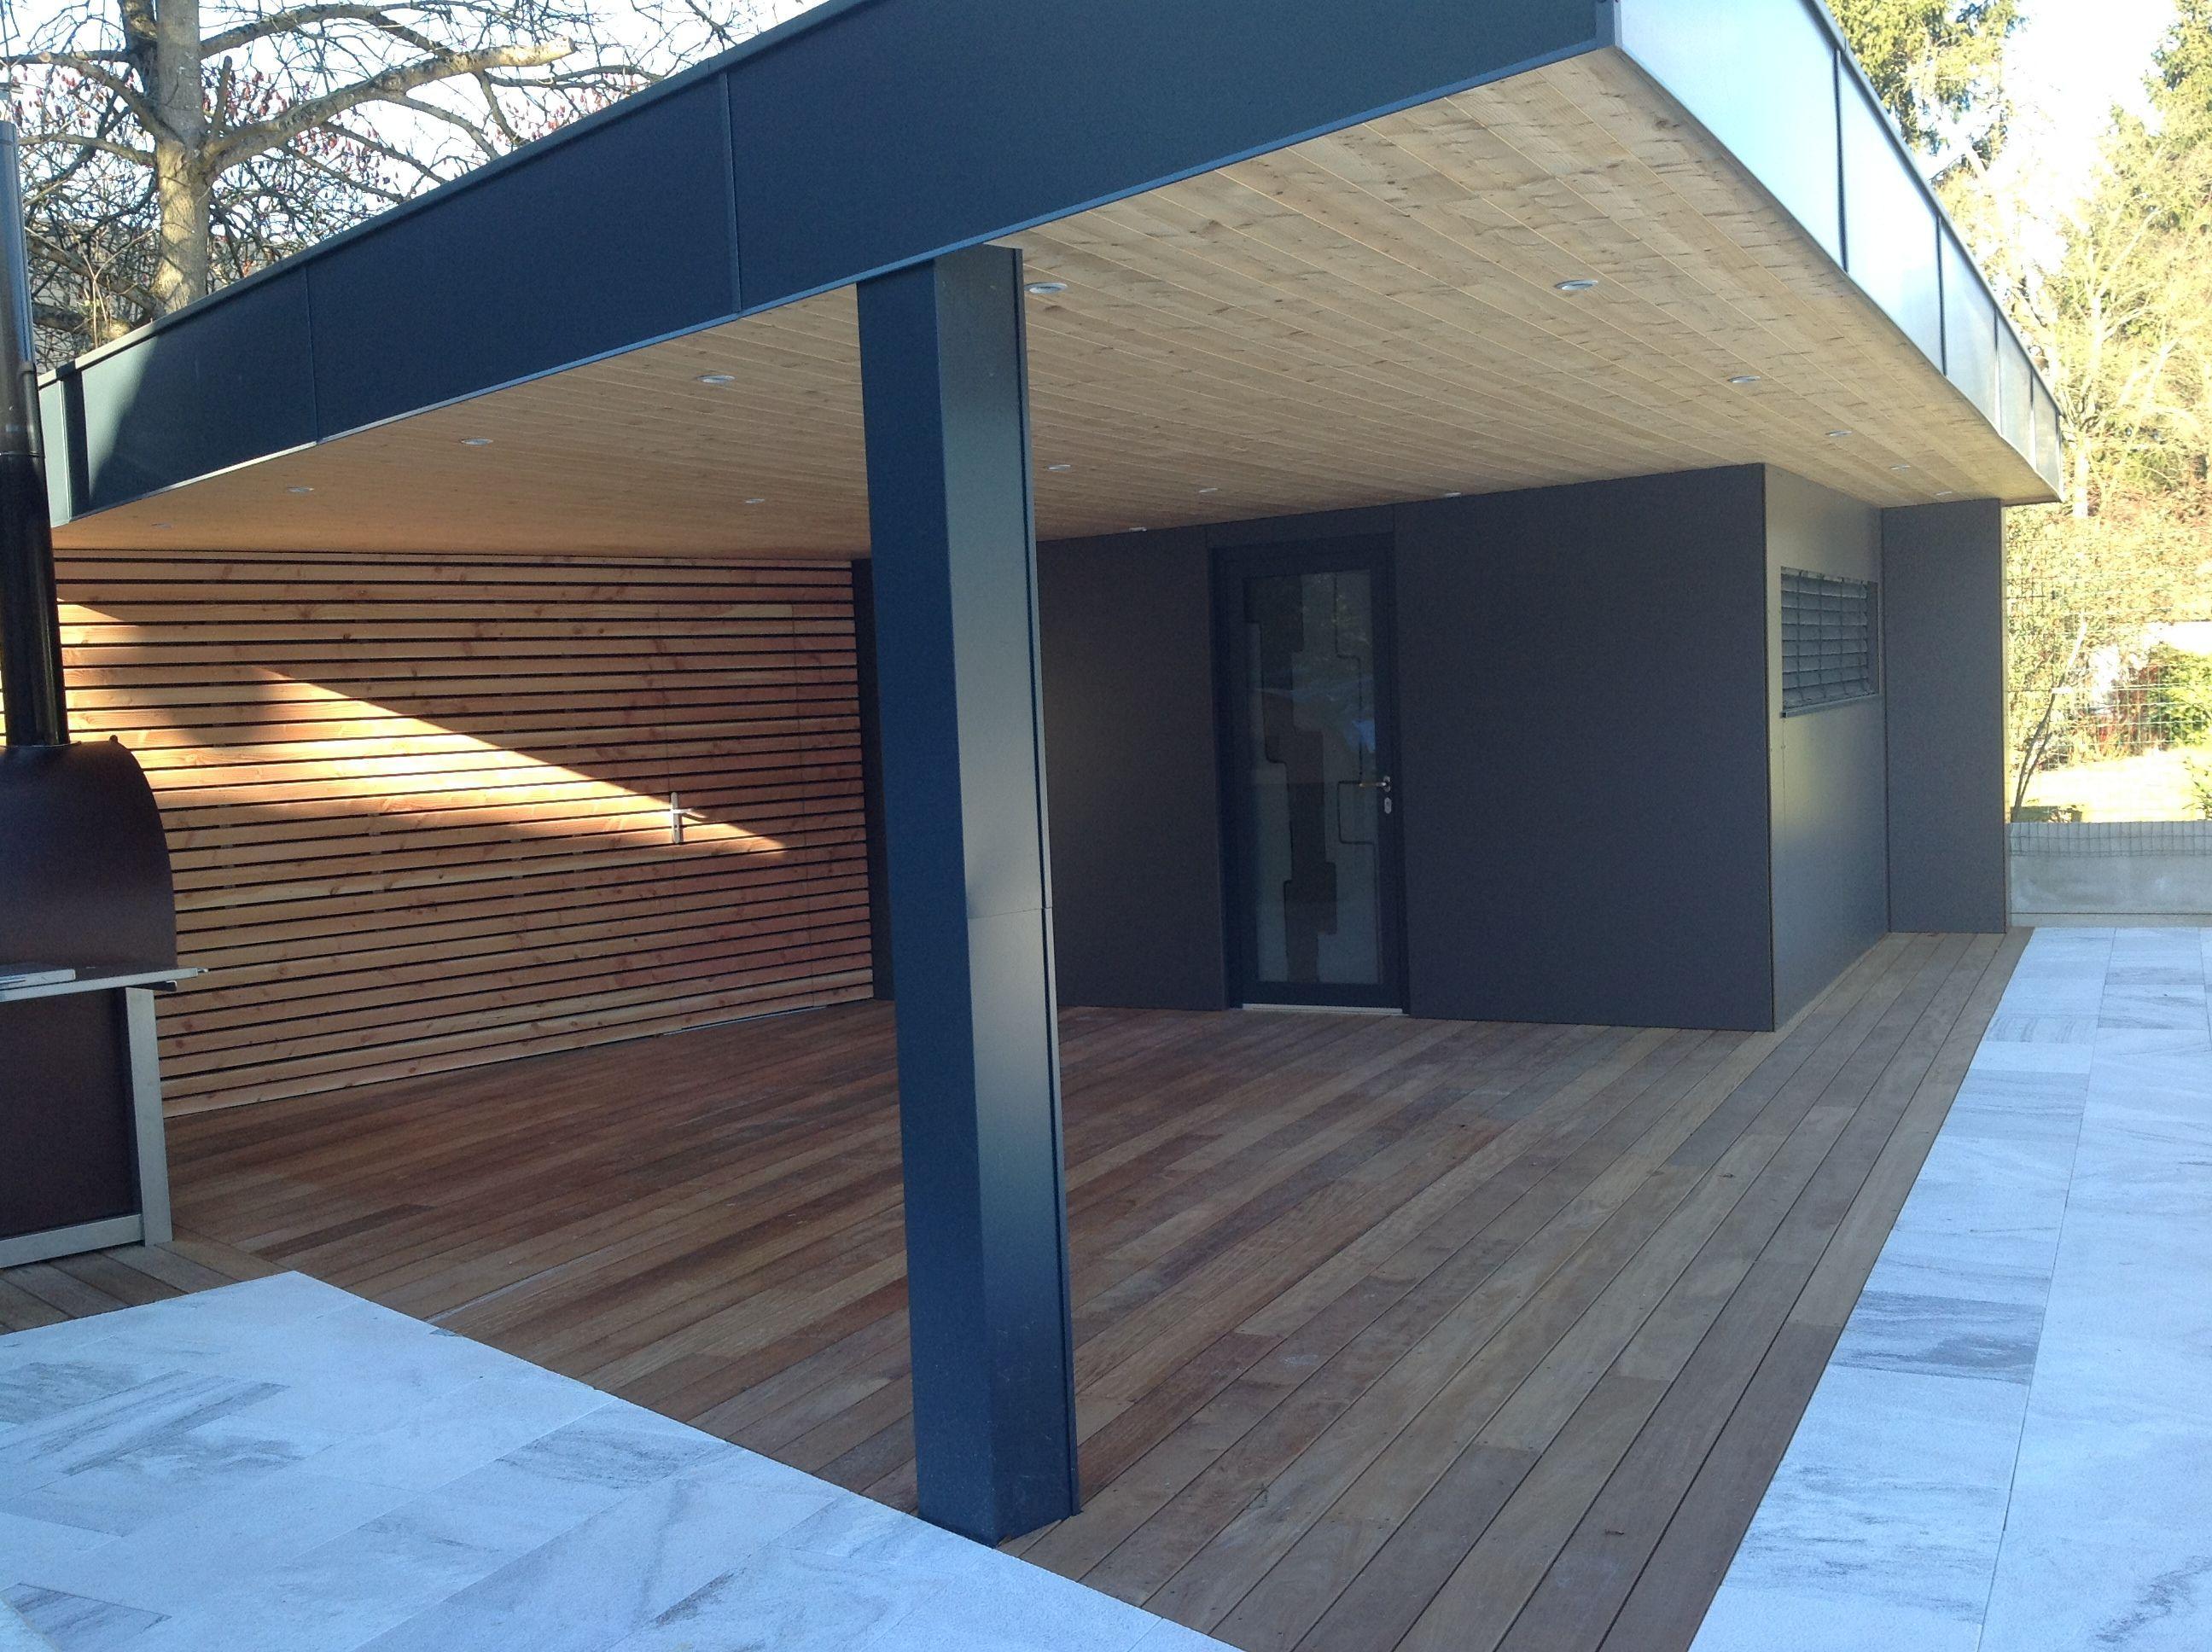 Construction D'un Abri De Jardin Design En Ossature Bois En ... destiné Abri De Jardin Design